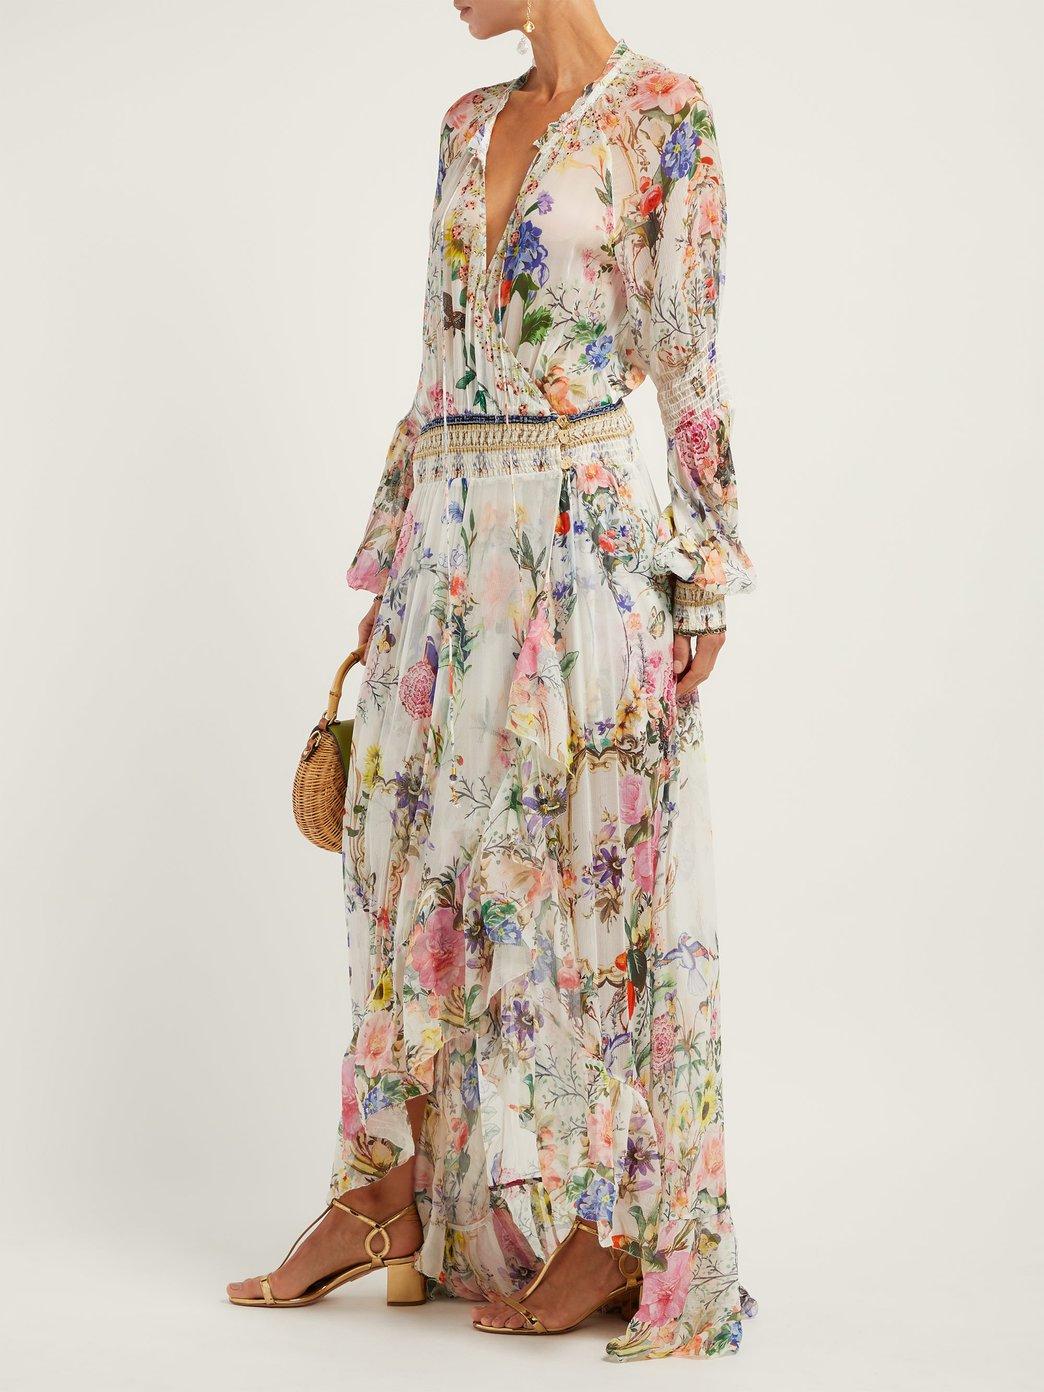 Camilla Boheme floral print wrap dress